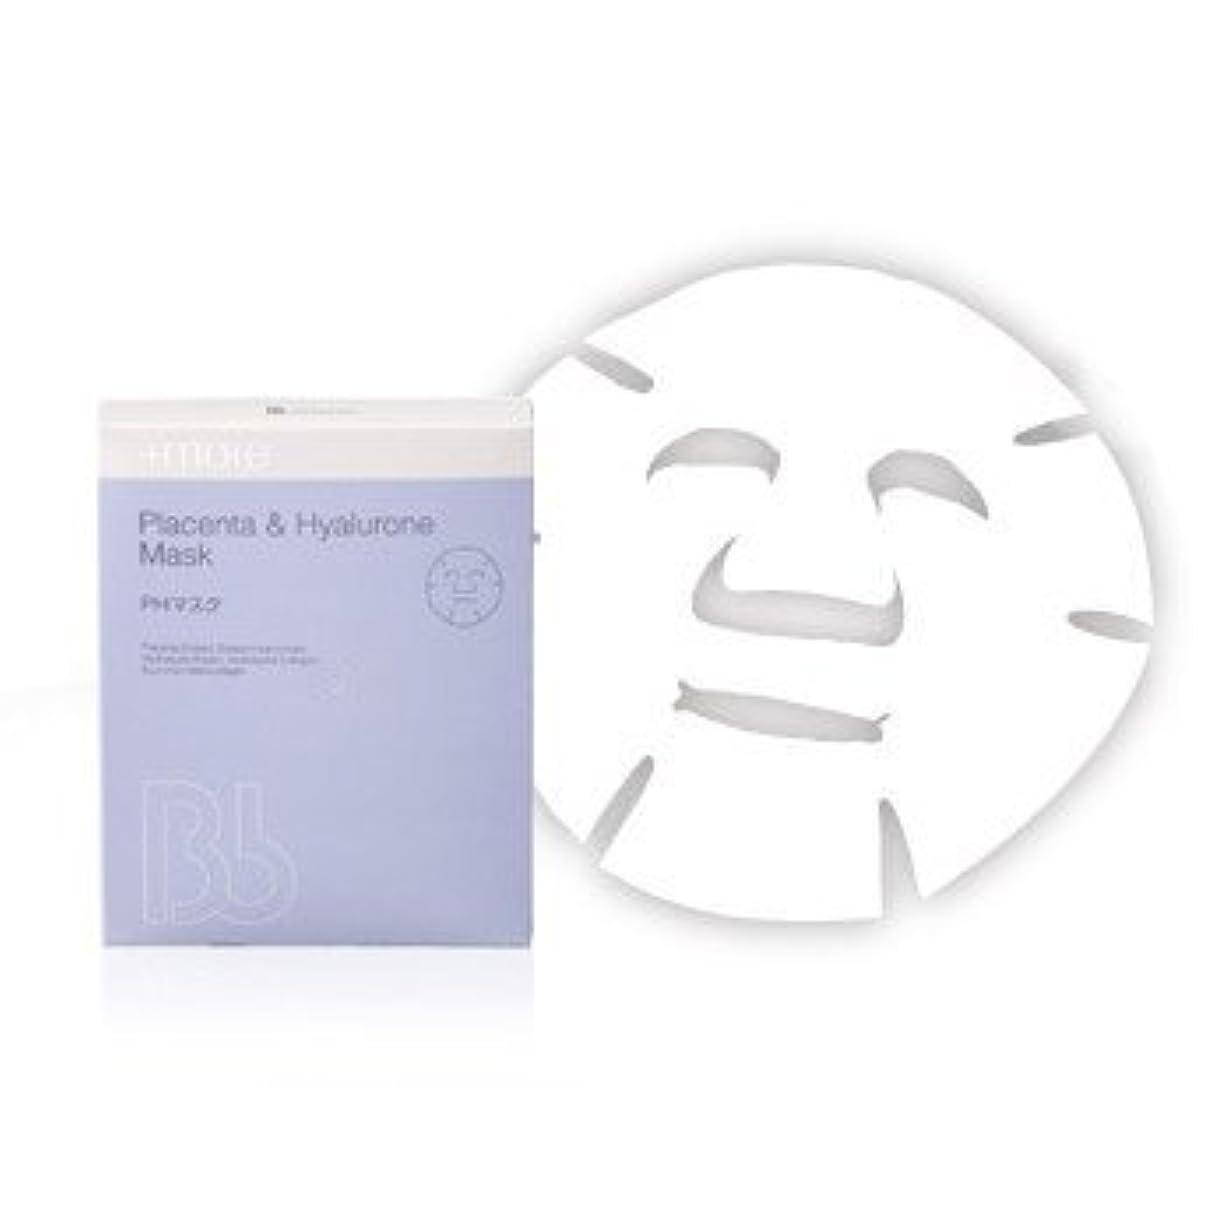 散らすアコードアンドリューハリディBbラボラトリーズ プラセンタ ヒアルロンマスク PHマスク(パック) 30ml 4枚入り